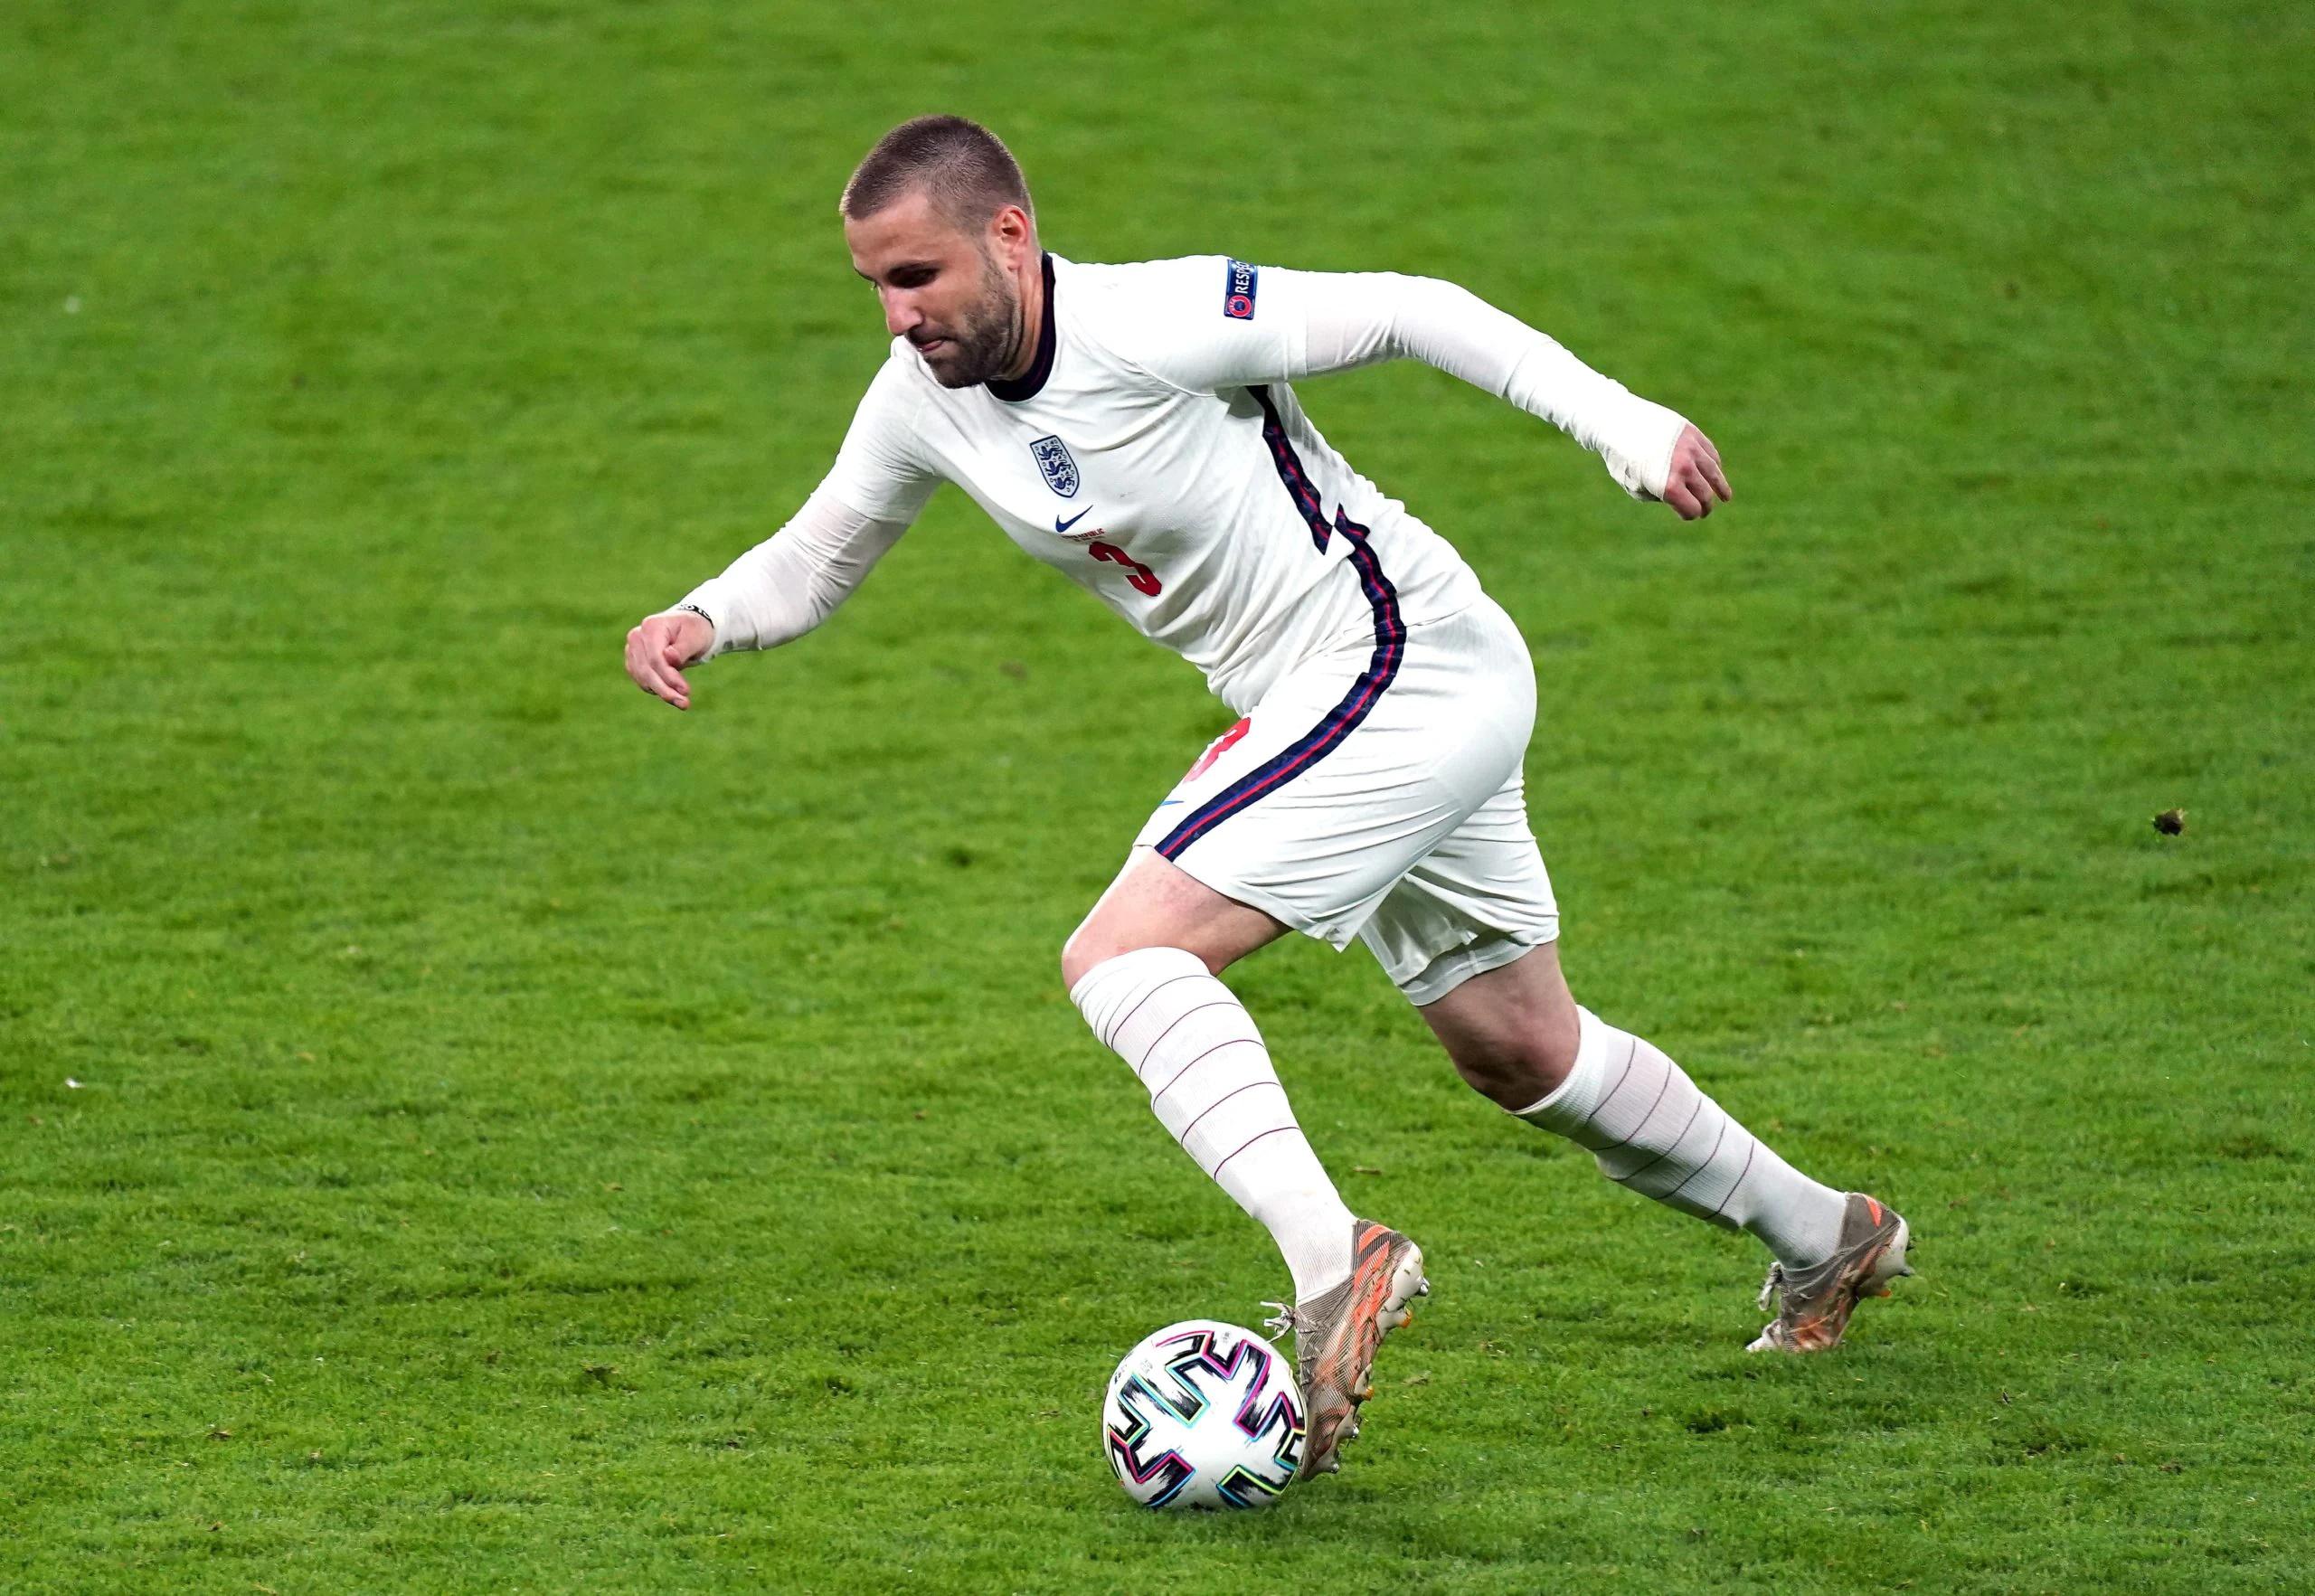 Cine este Luke Shaw, englezul care a deschis scorul în finala EURO 2020 în minutul 2